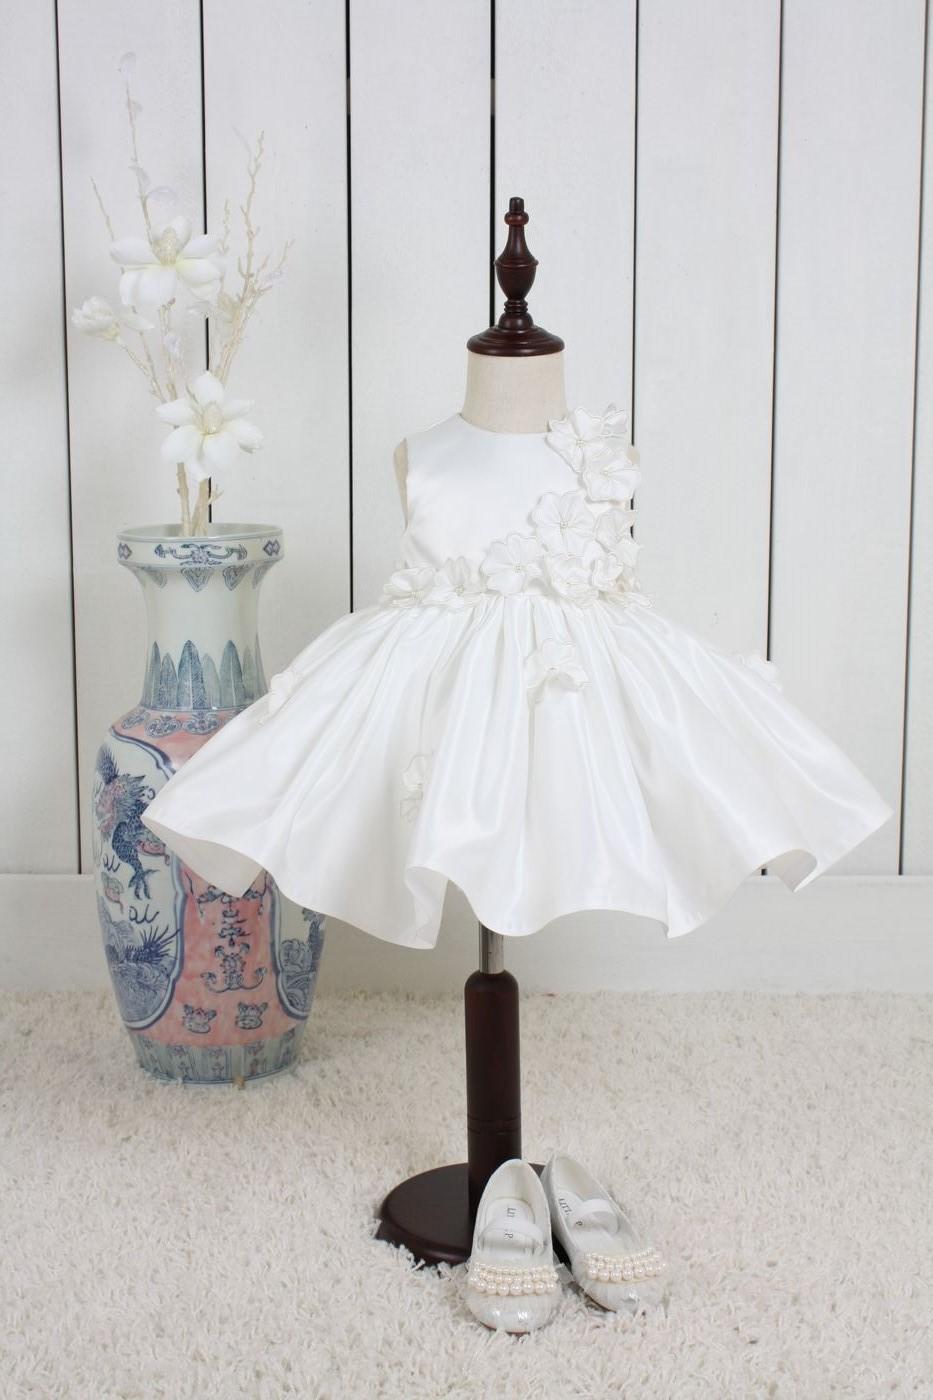 86ce45ddc161 Handla dina barns festkläder bland vårt breda sortiment av ...  Prinsessklänningar för barn - prinsessklanningar.se